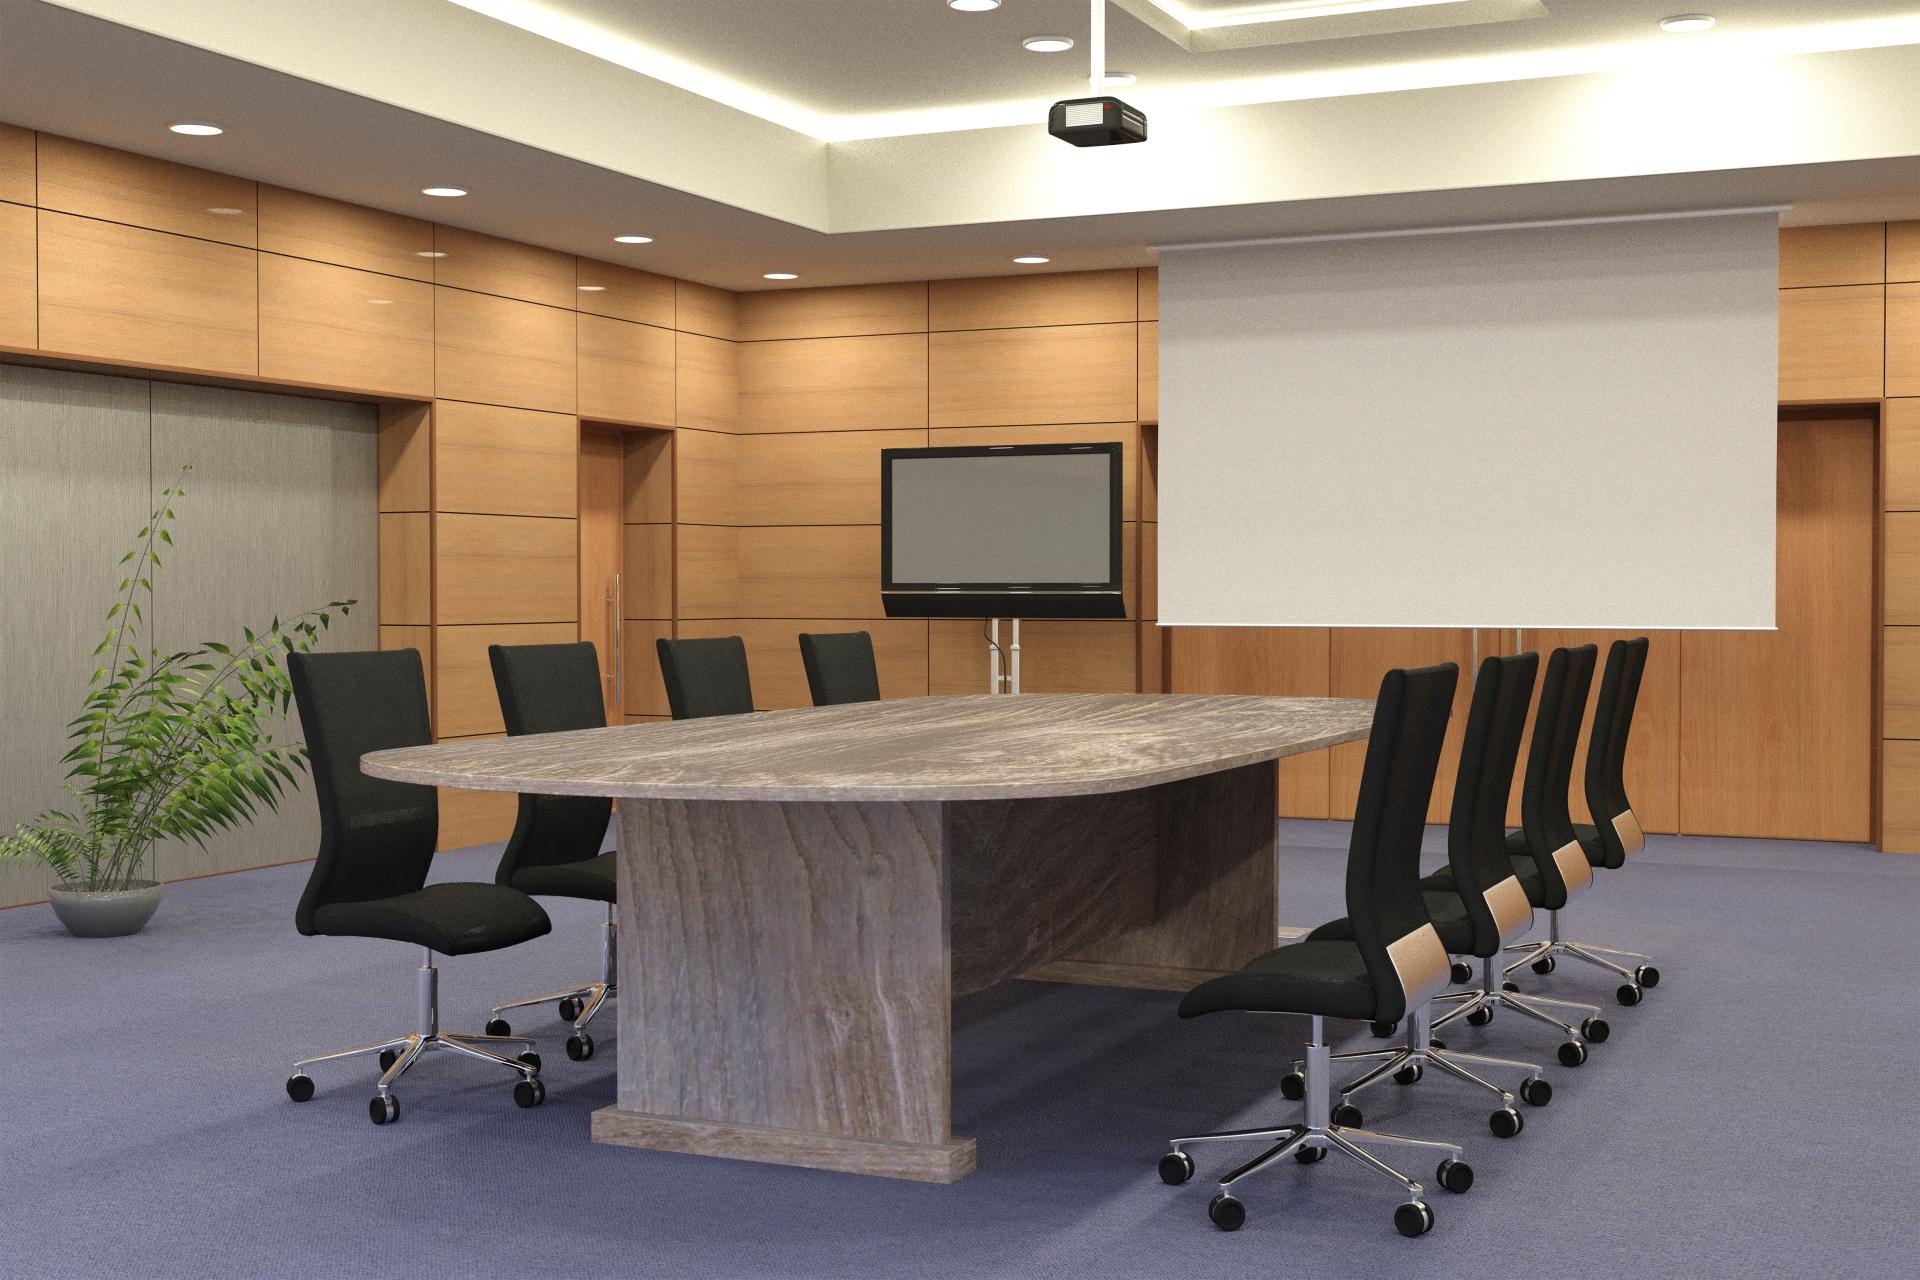 会議室予約システムとは?機能とメリット、おすすめのサービス5選